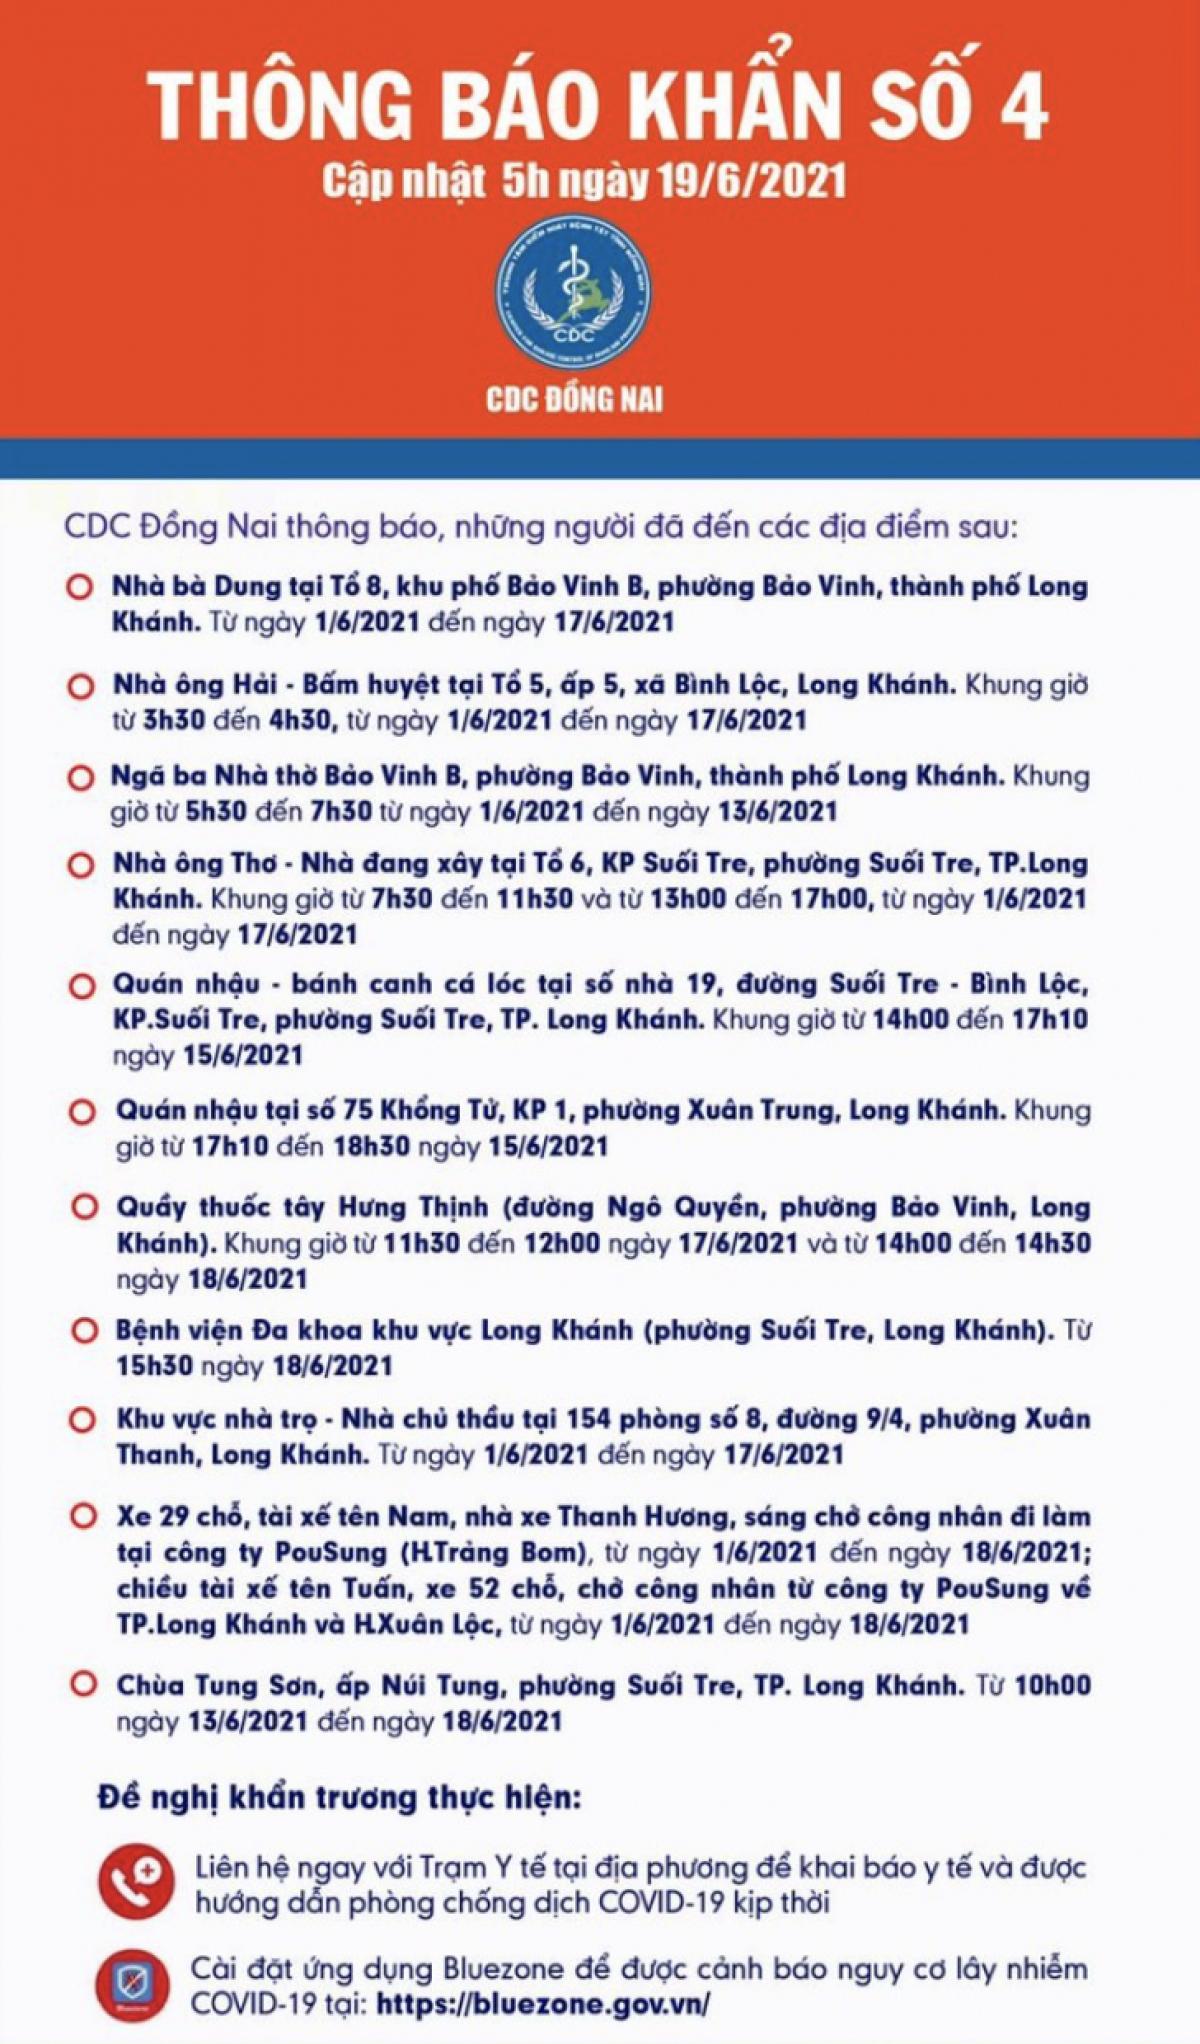 CDC tỉnh Đồng Nai thông báo những người có tiếp xúc các ca bệnh khẩn trương khai báo y tế.